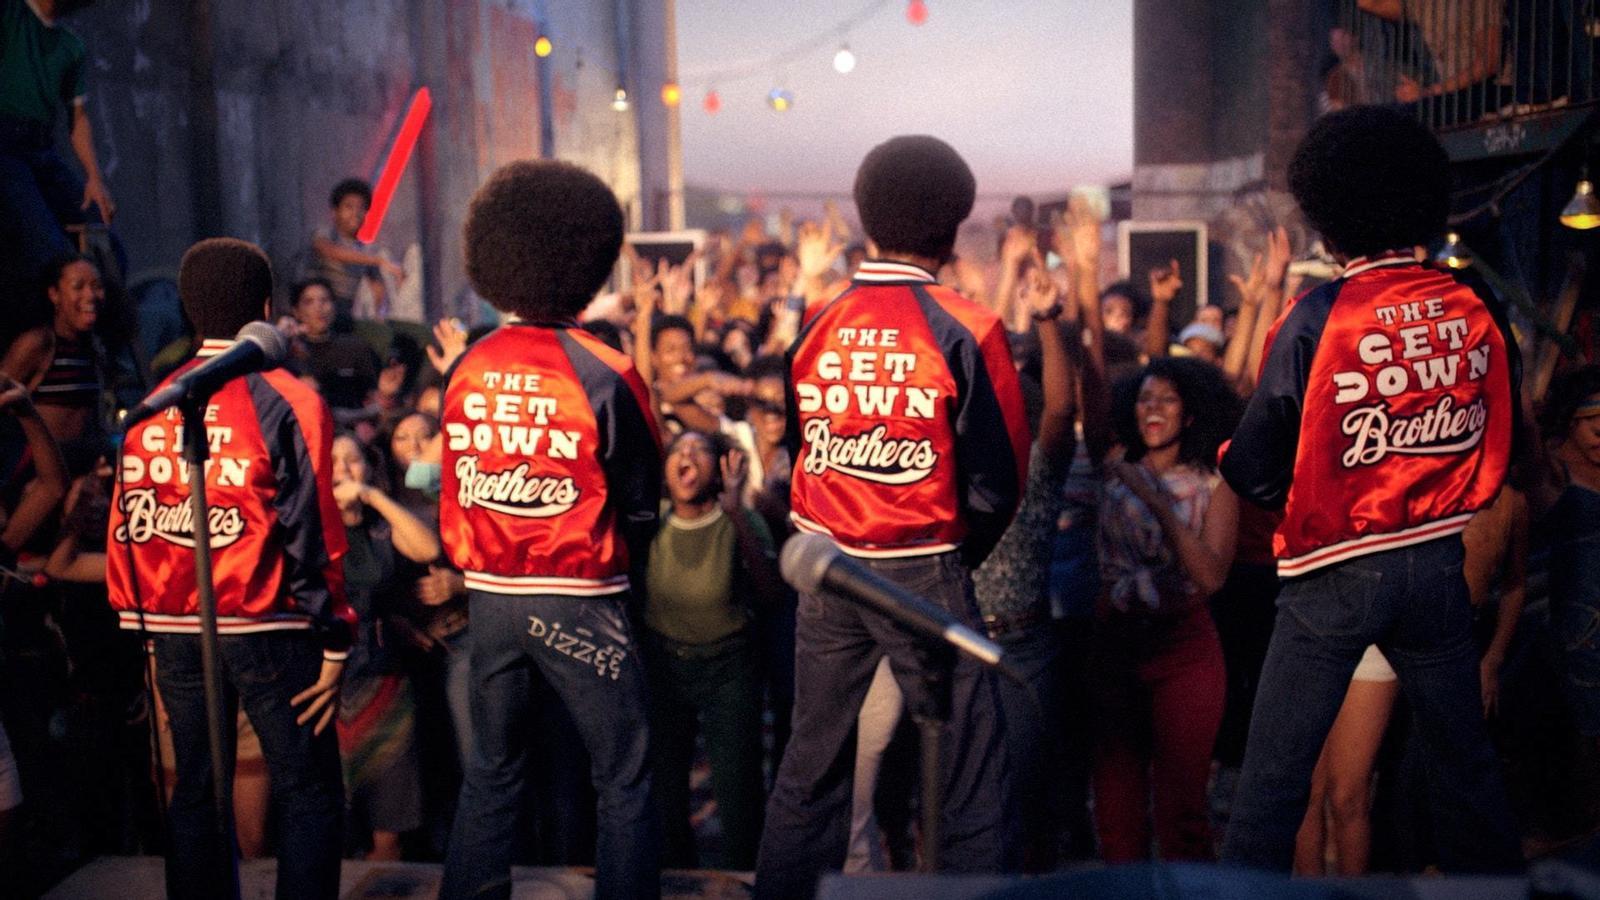 Netflix cancel·la 'The get down', la seva gran aposta per a aquesta temporada